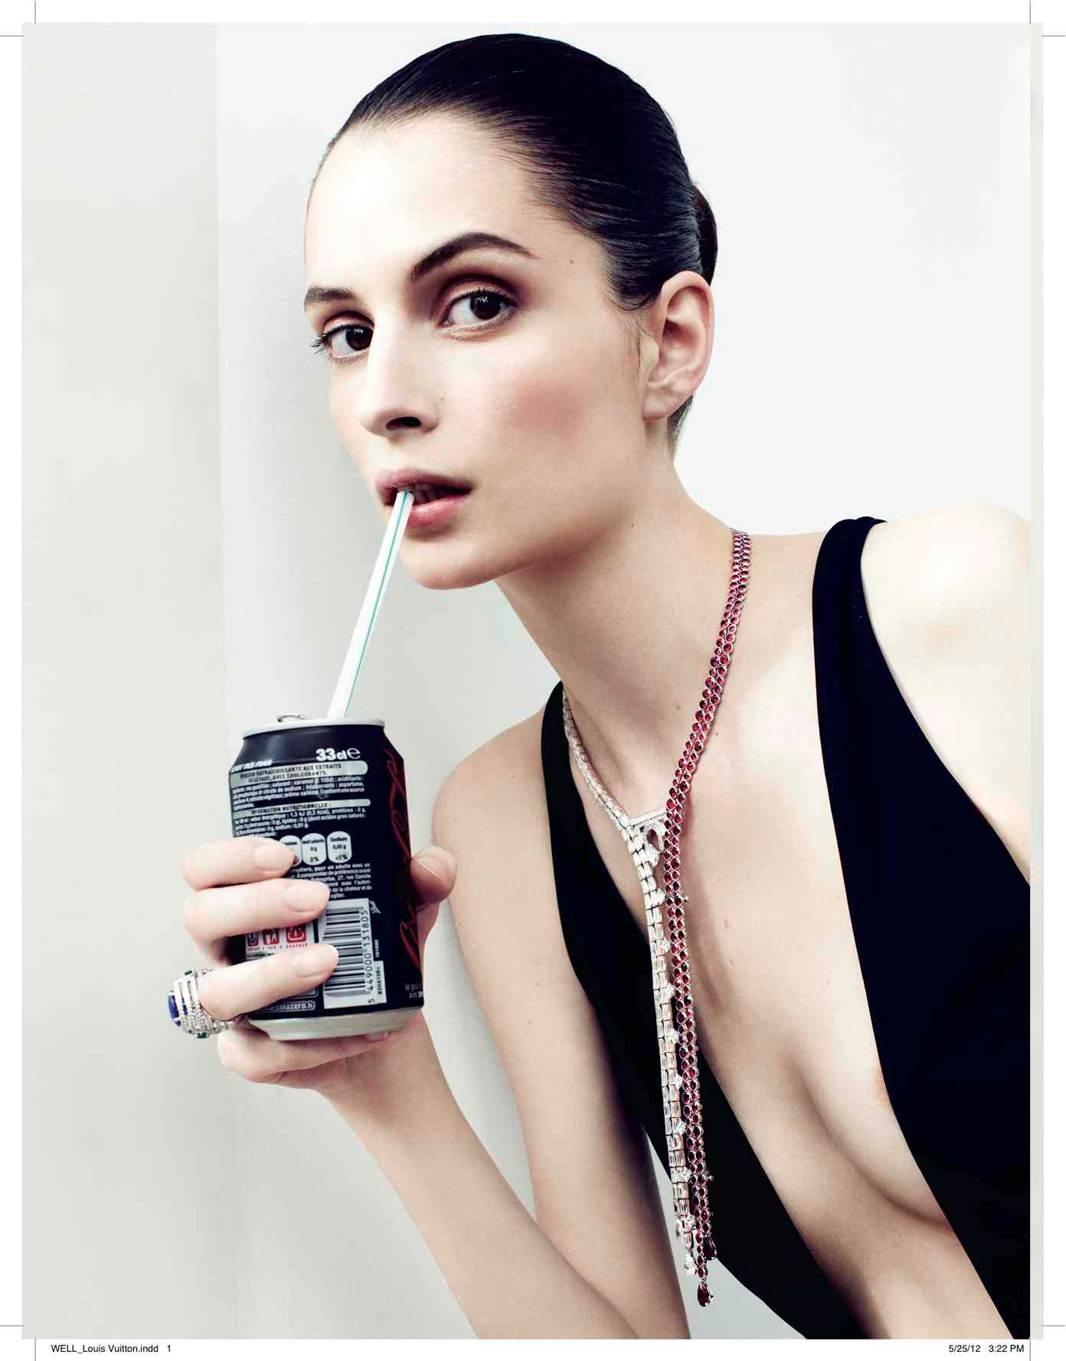 http://2.bp.blogspot.com/-KKjQc2-pb4g/T-iA8rGqWrI/AAAAAAAAKgE/mamWqk47UnM/s1600/Suzie+Bird+Vogue+Russia+July.jpg